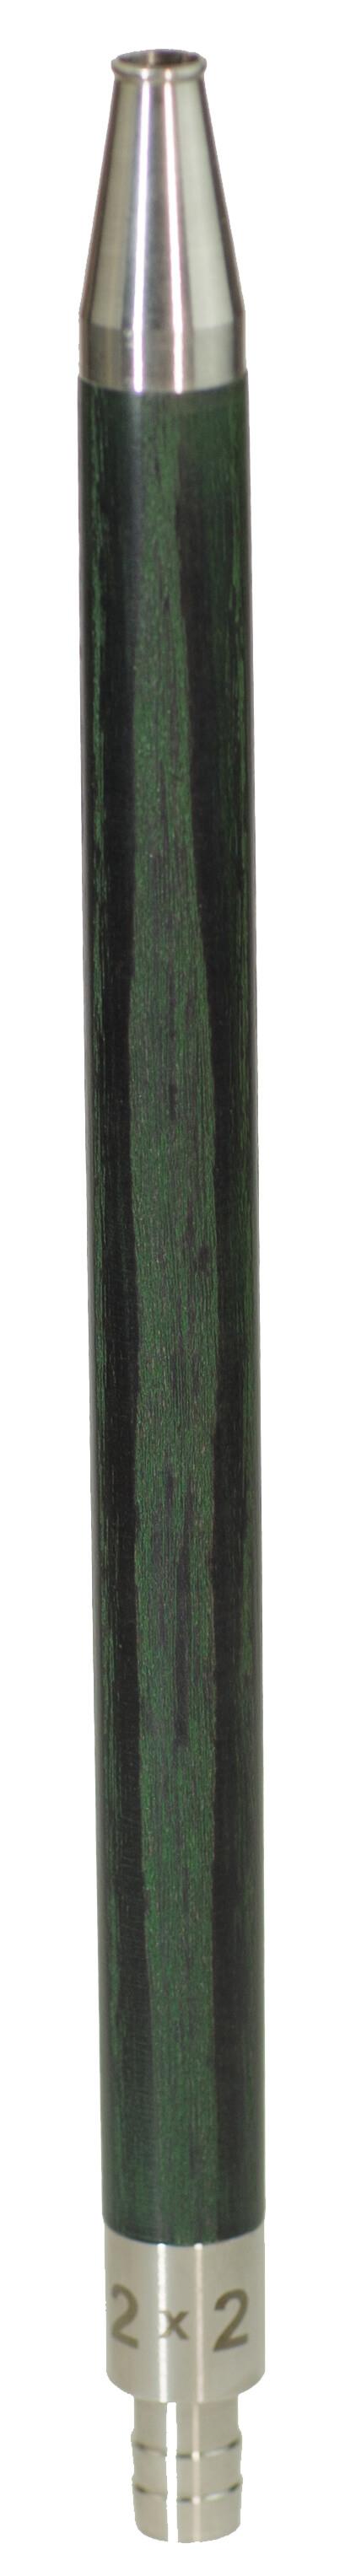 Мундштук 2х2 Дерев'яний Green